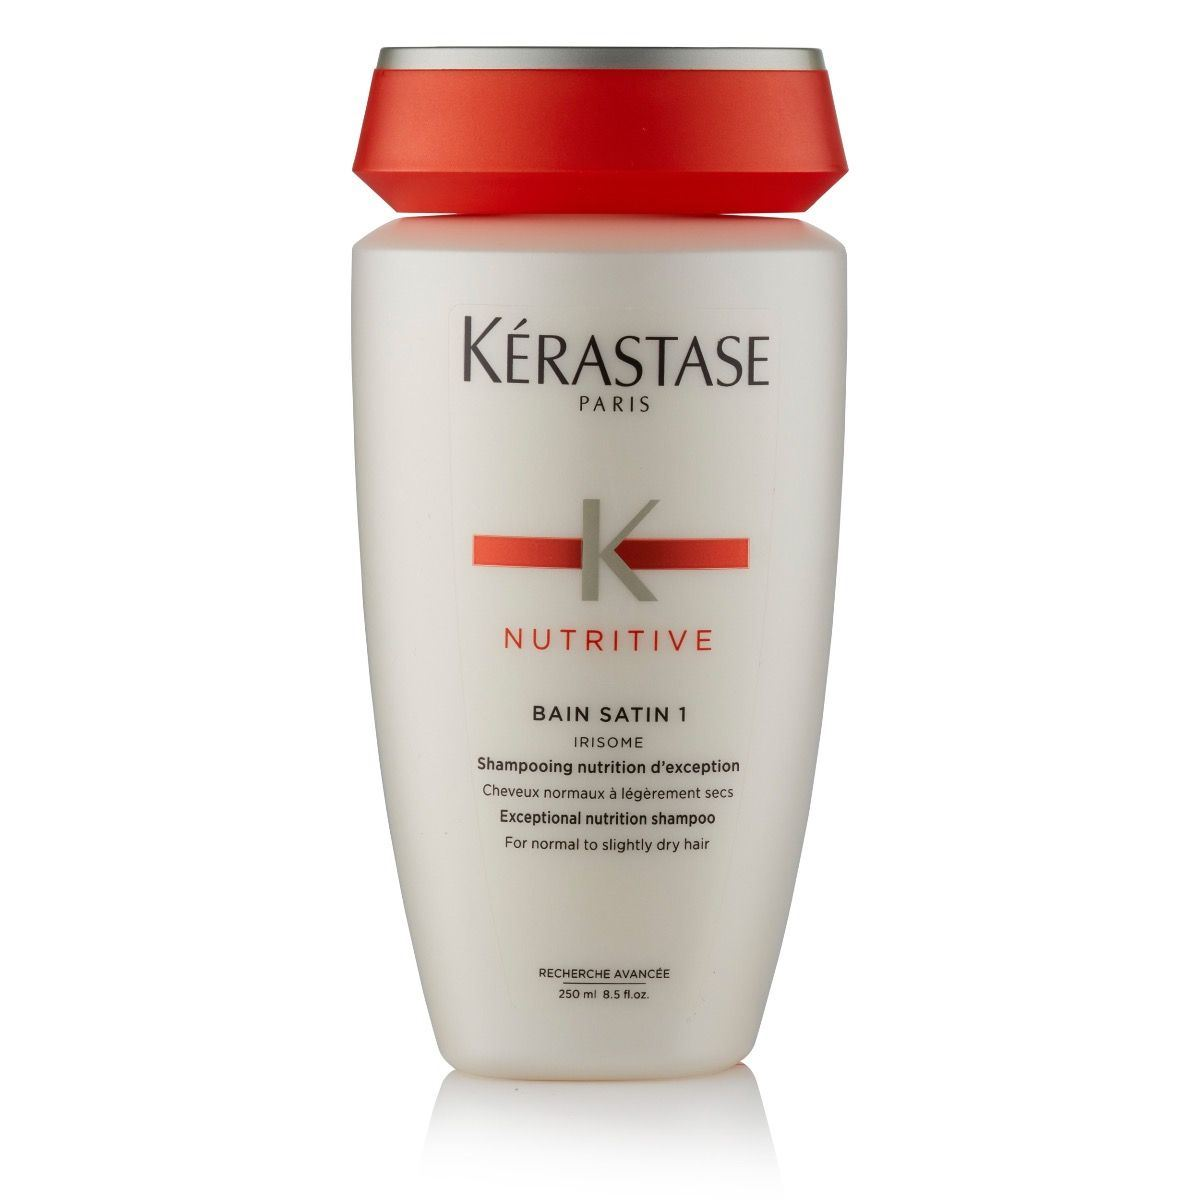 Kerastase Nutritive Nemlendirici Şampuan - Irisome Bain Satin 1 250ml